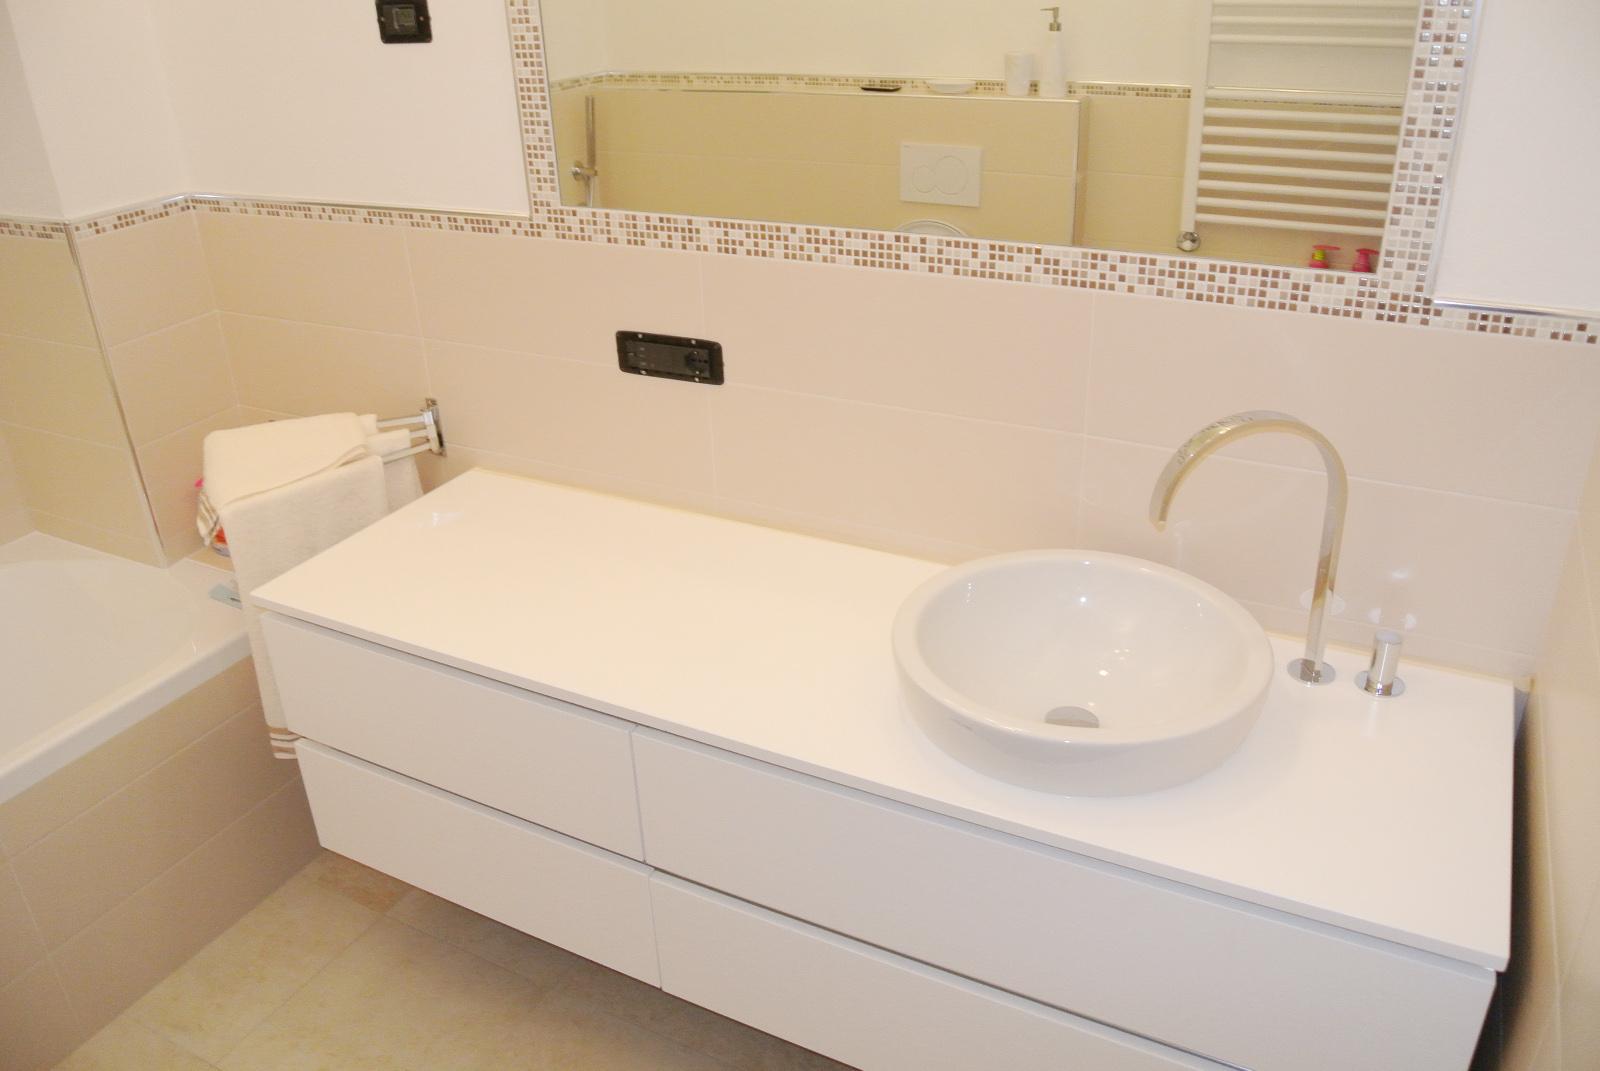 sintesibagno-arredobagno-arredo-bagno-svizzera-mobile-puntotre-lavabo-appoggio-catalano-puntptre-brill